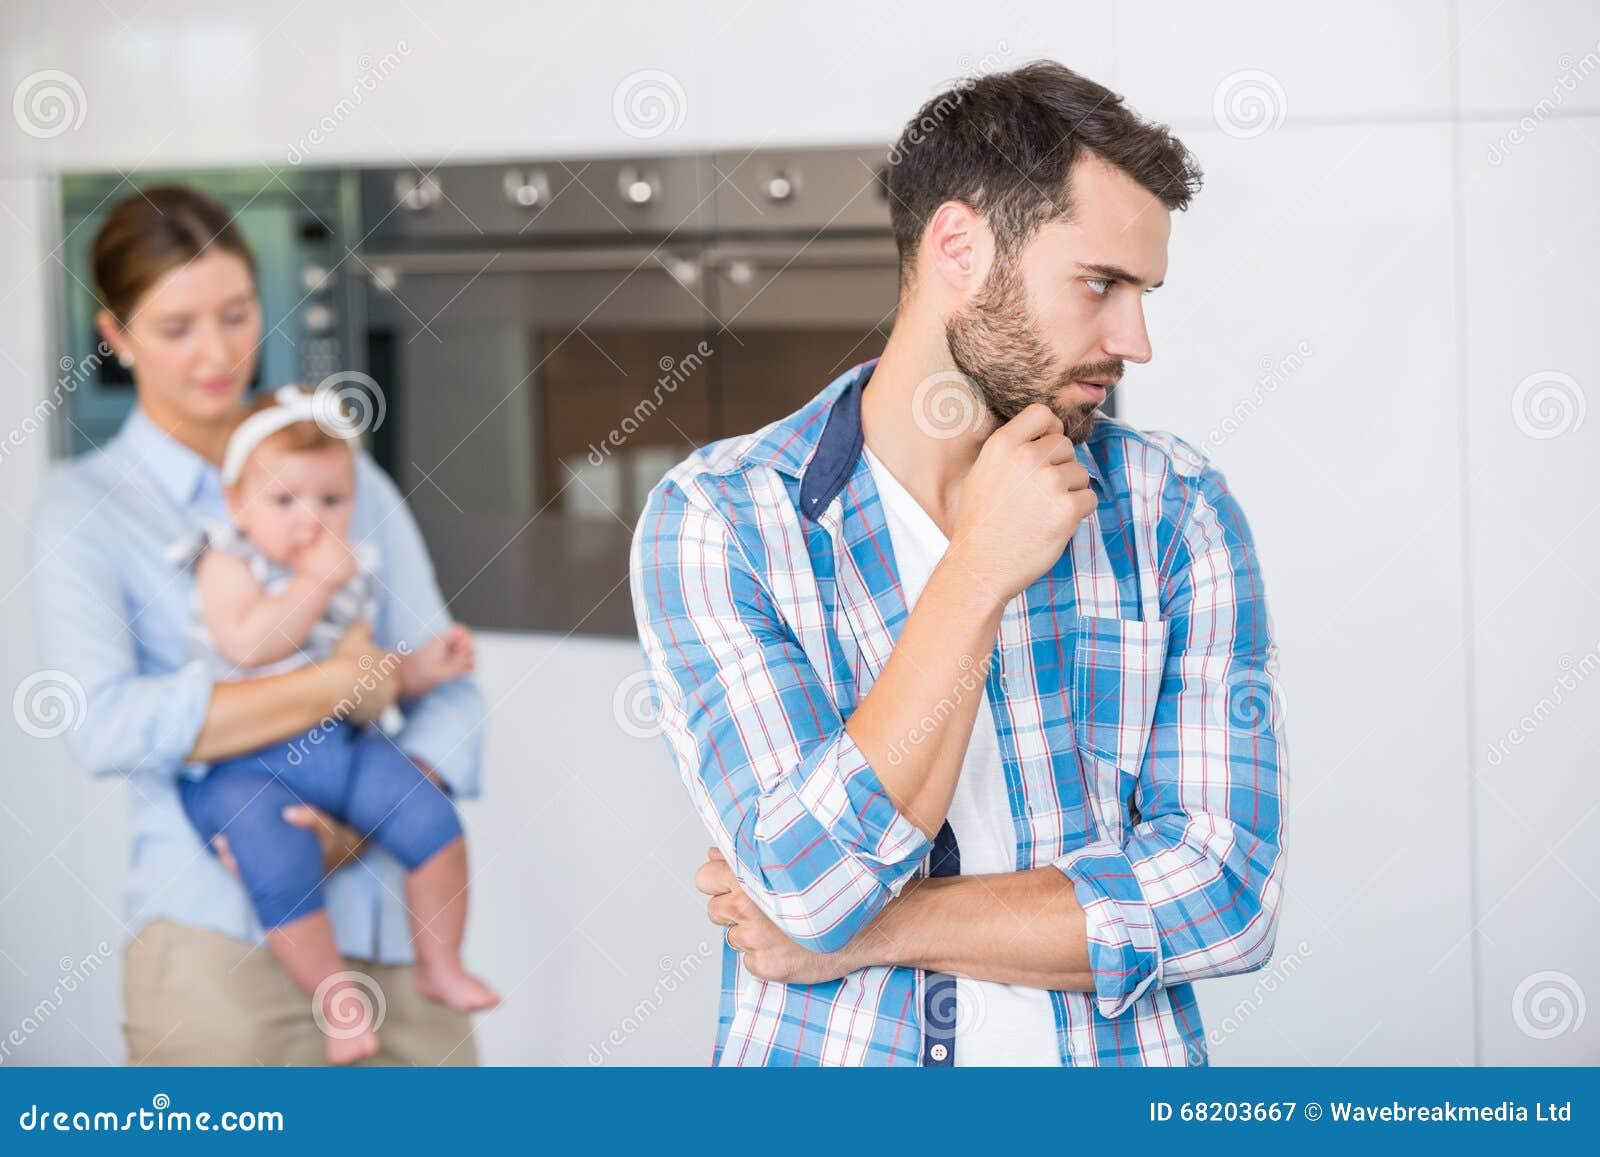 Durchdachter Mann Mit Frau Und Baby Im Hintergrund